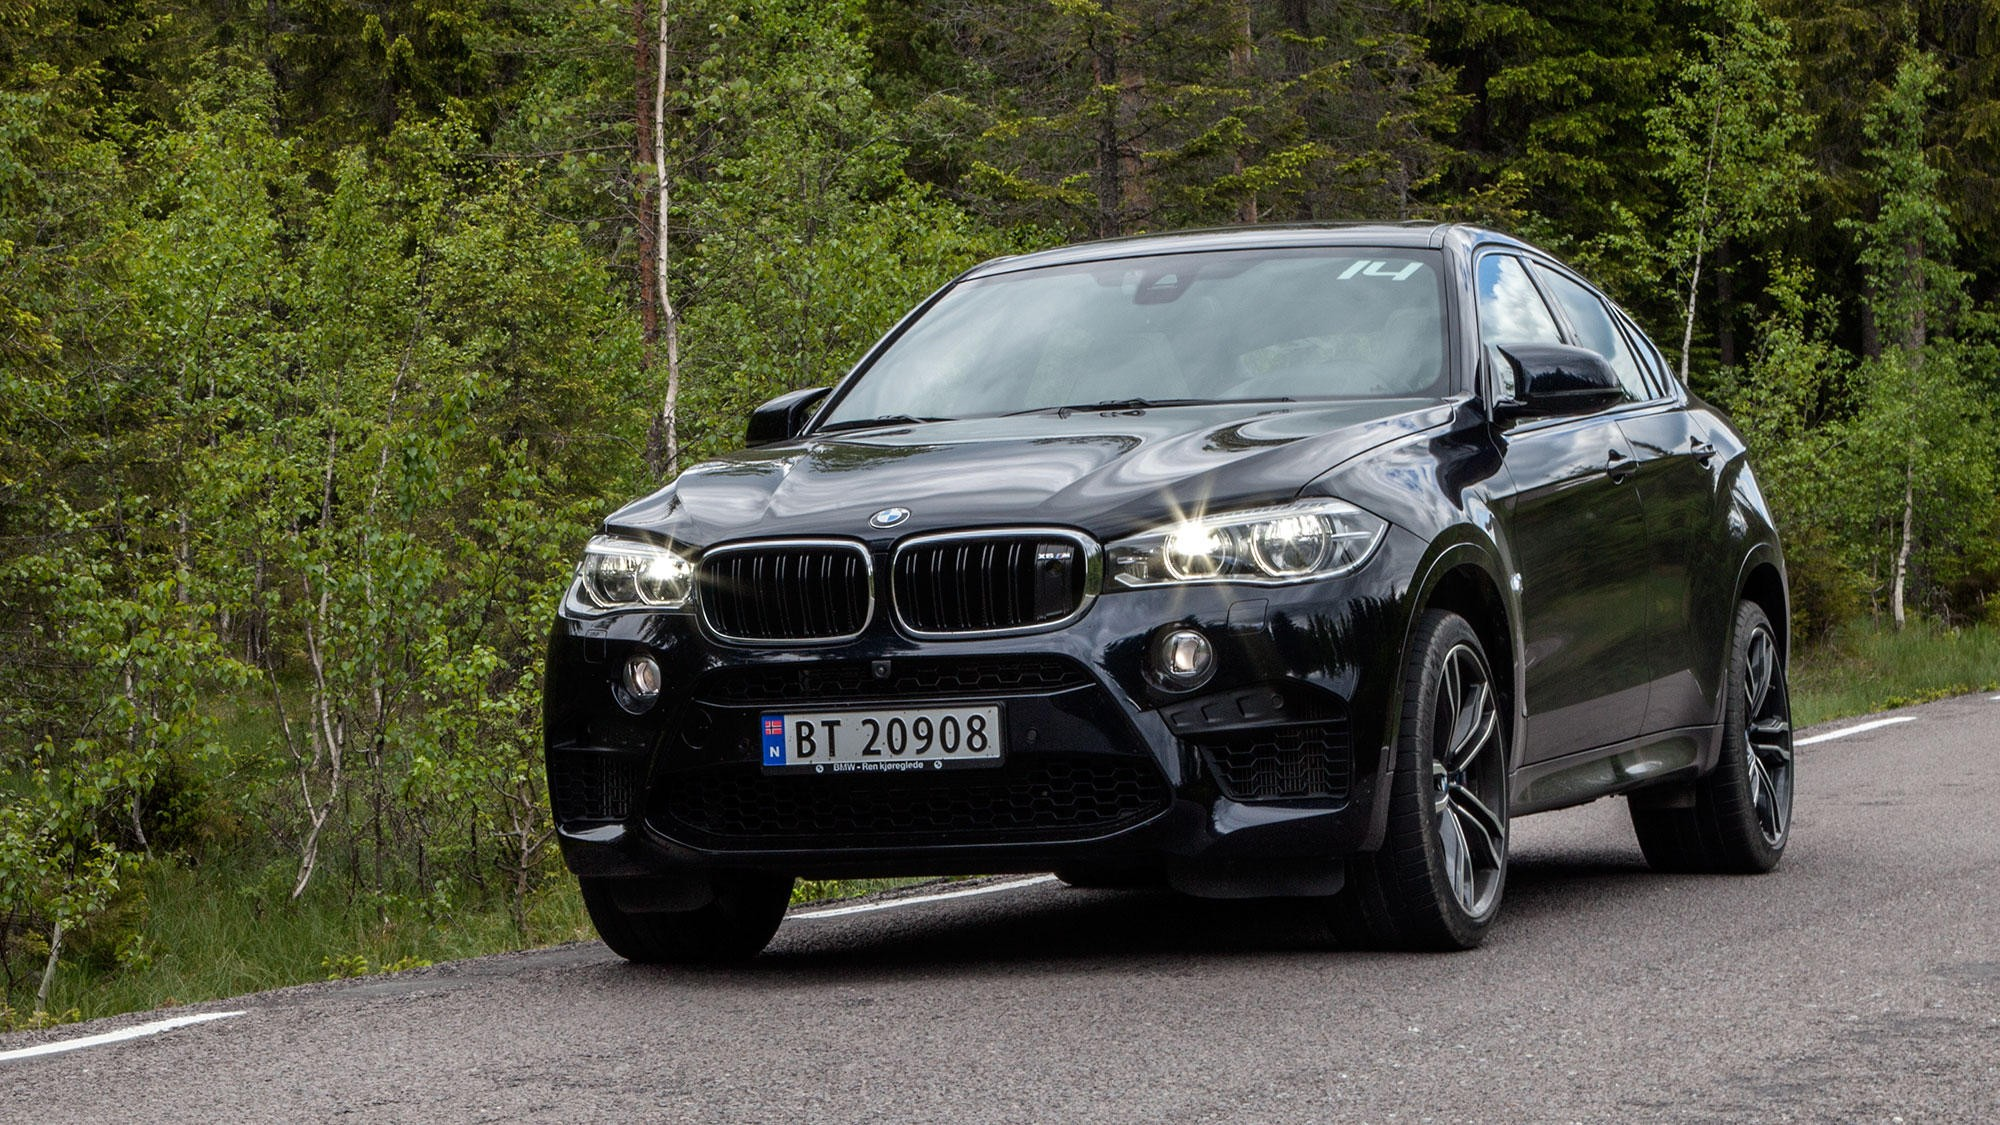 BMW PÅ FREKKASTOPPEN: BMW går til topps når nordmenn blir spurt hvilket merke som har de frekkeste sjåførene. Her er SUV-en X6, en av de minst politisk korrekte bilene i deres modellutvalg.